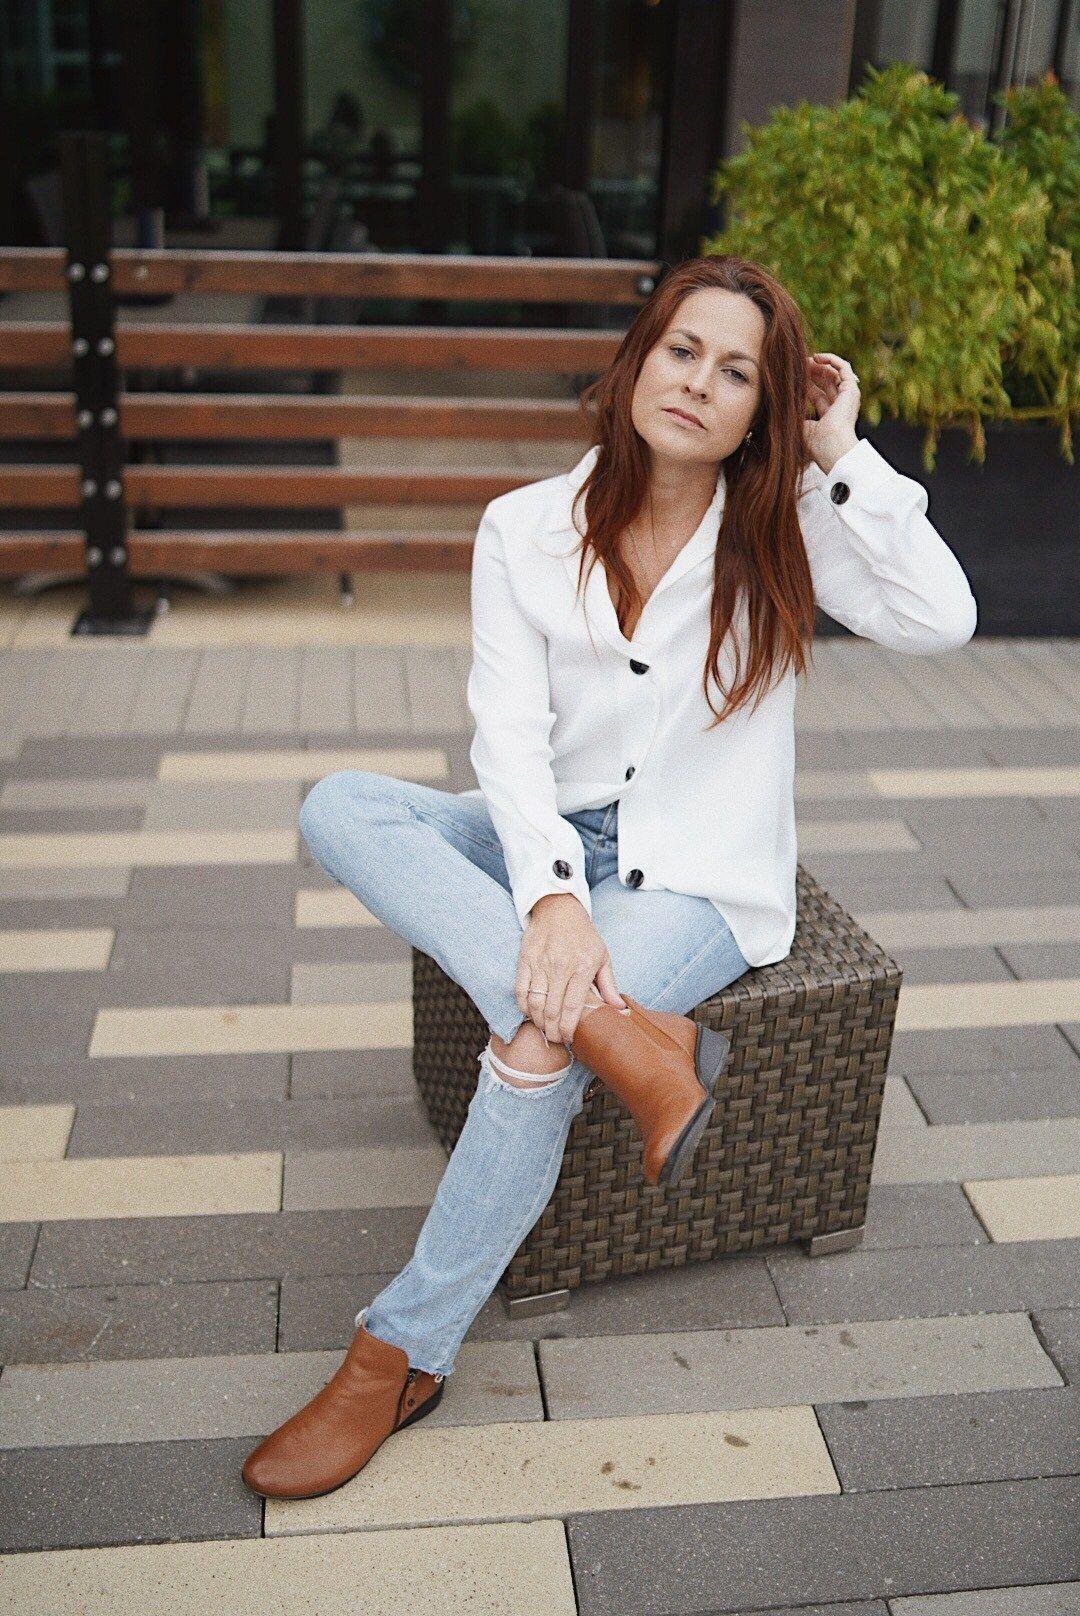 Petite women boot styles — img 5